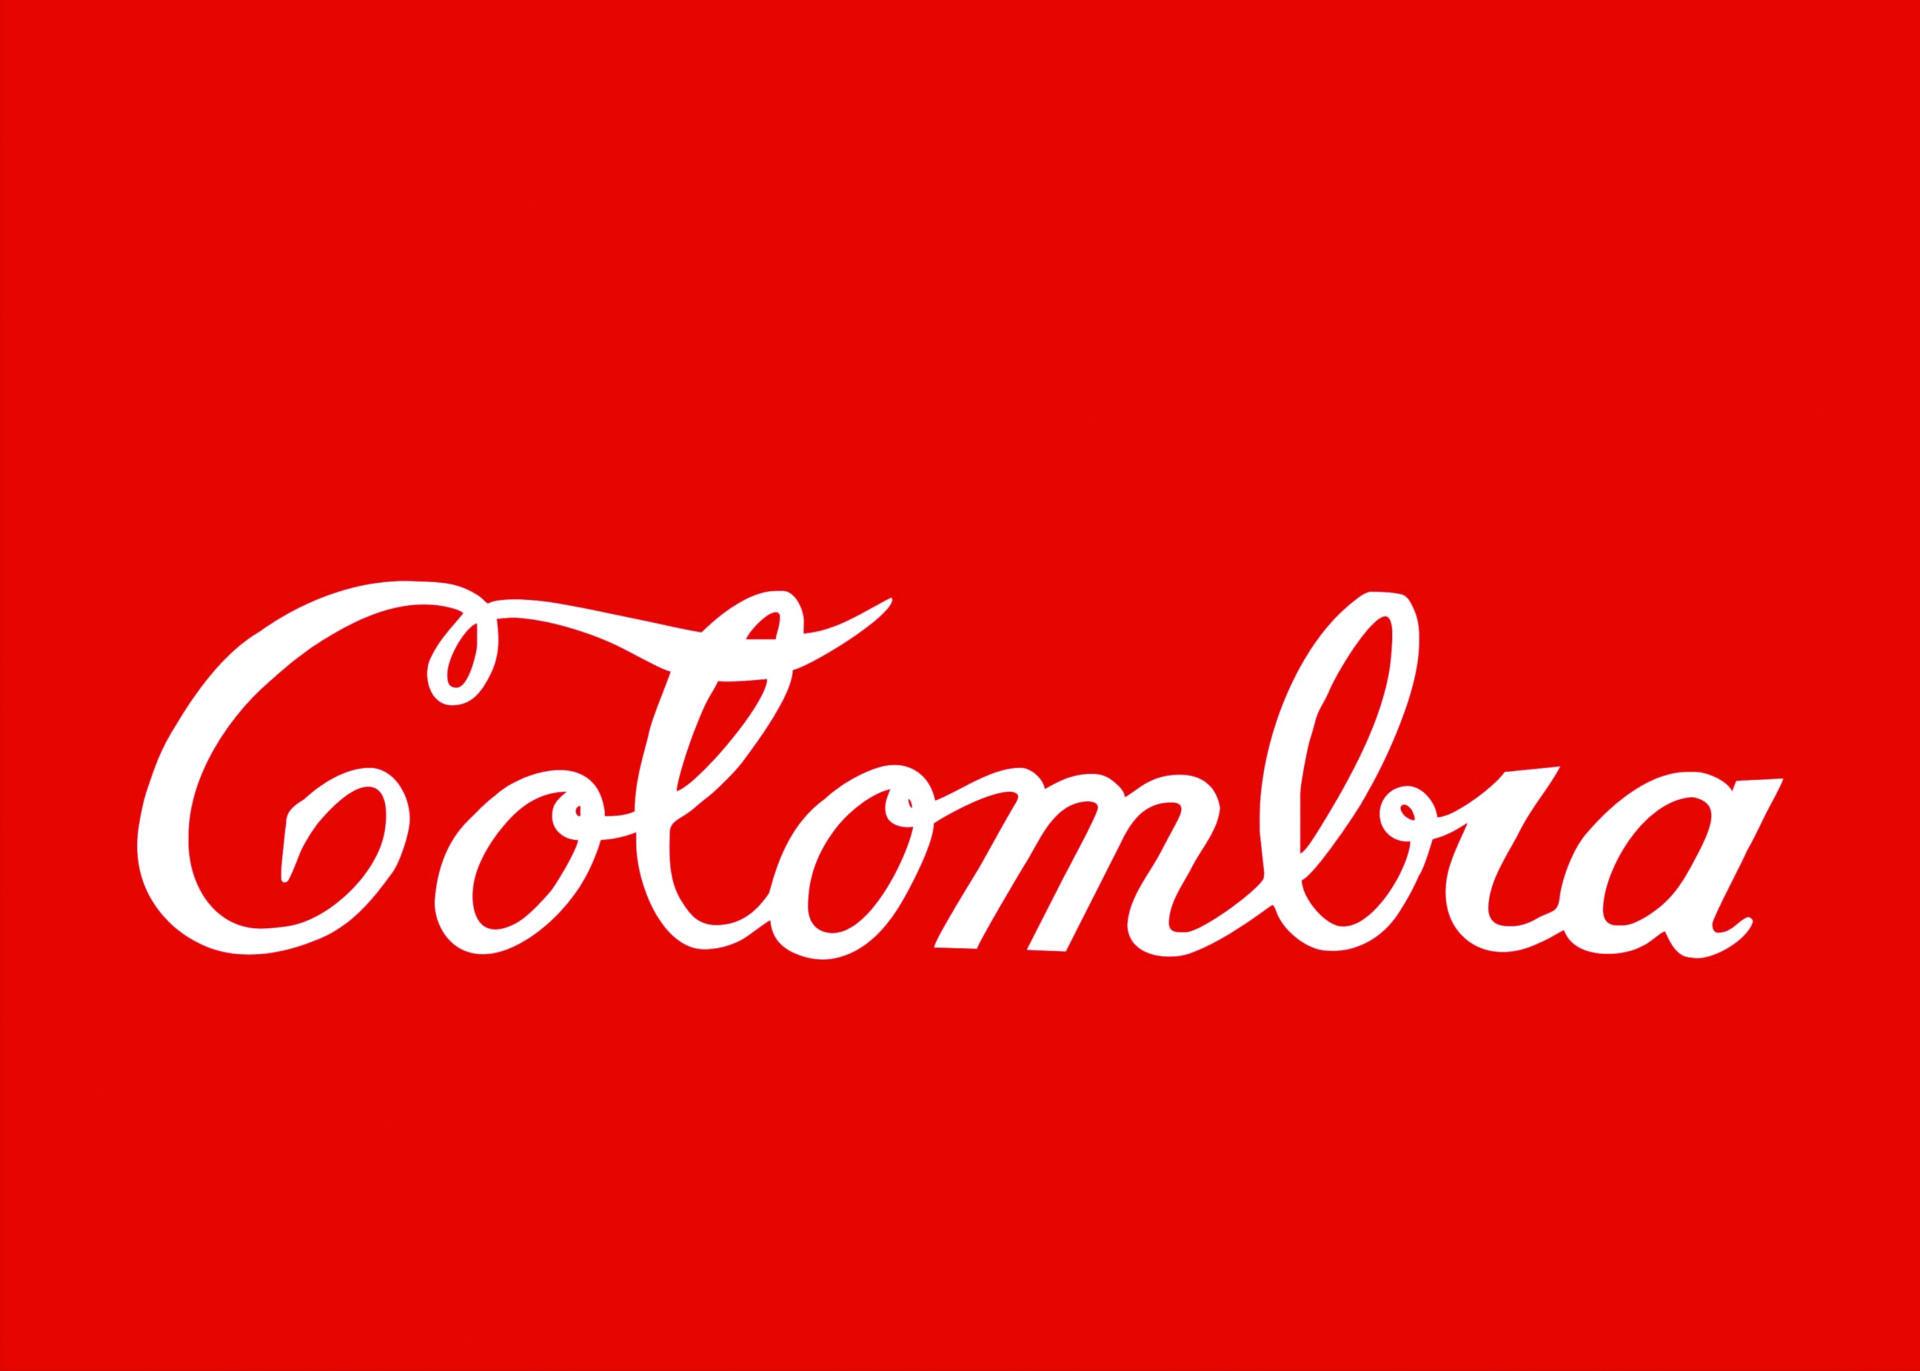 Antonio Caro, Colombia Coca-Cola, 1976